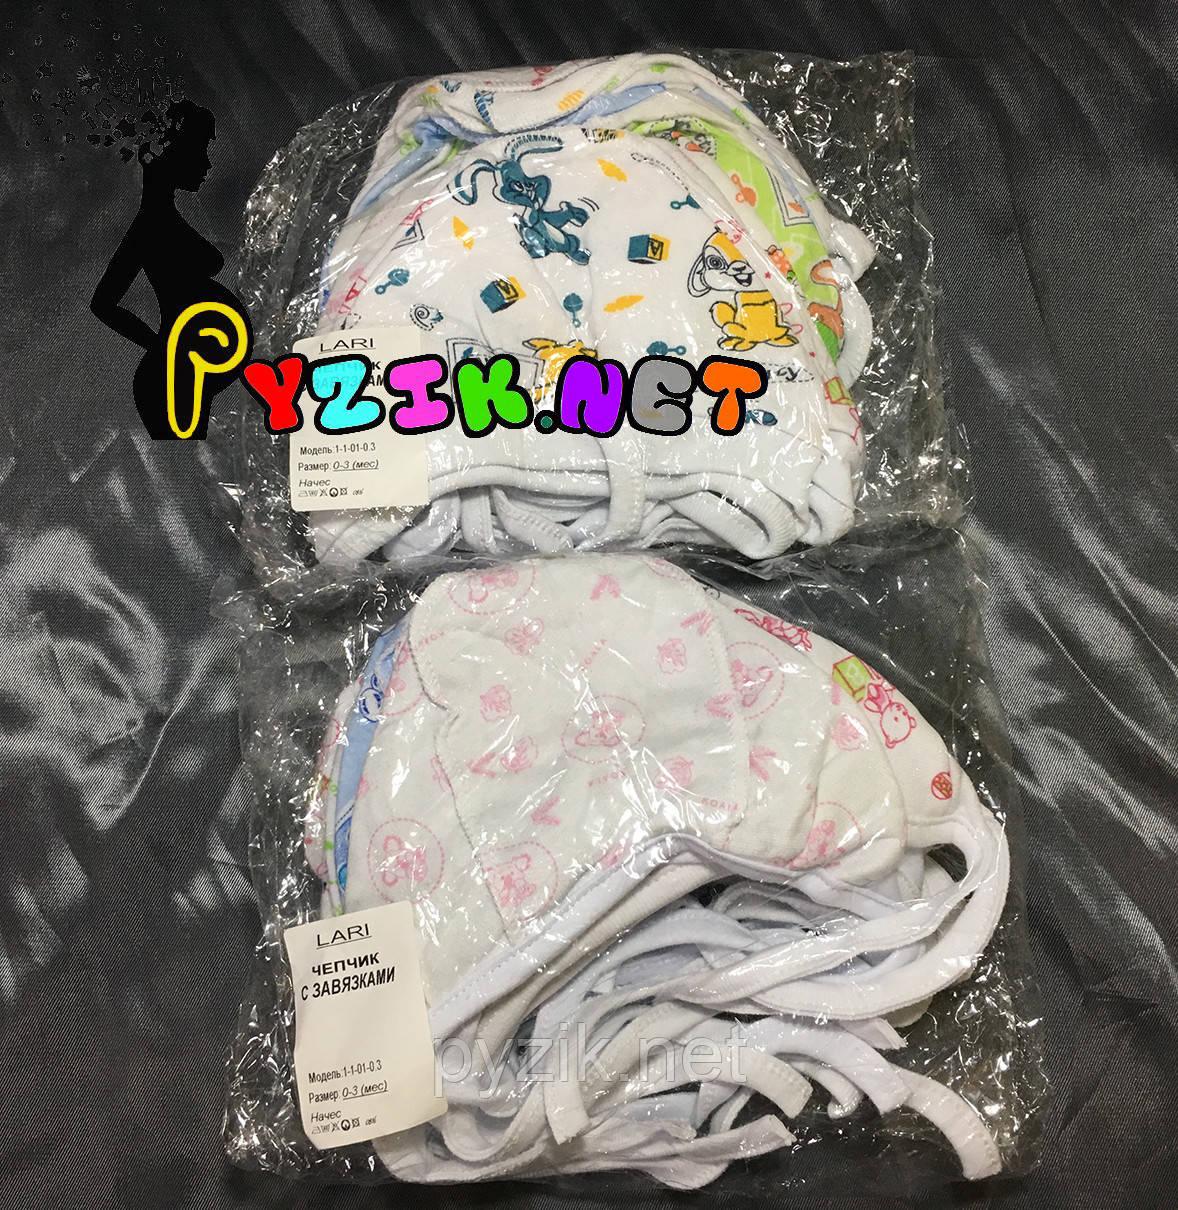 Шапочка-чепчик на завязочках байковая для новорожденного с начесом упаковка (10 шт)